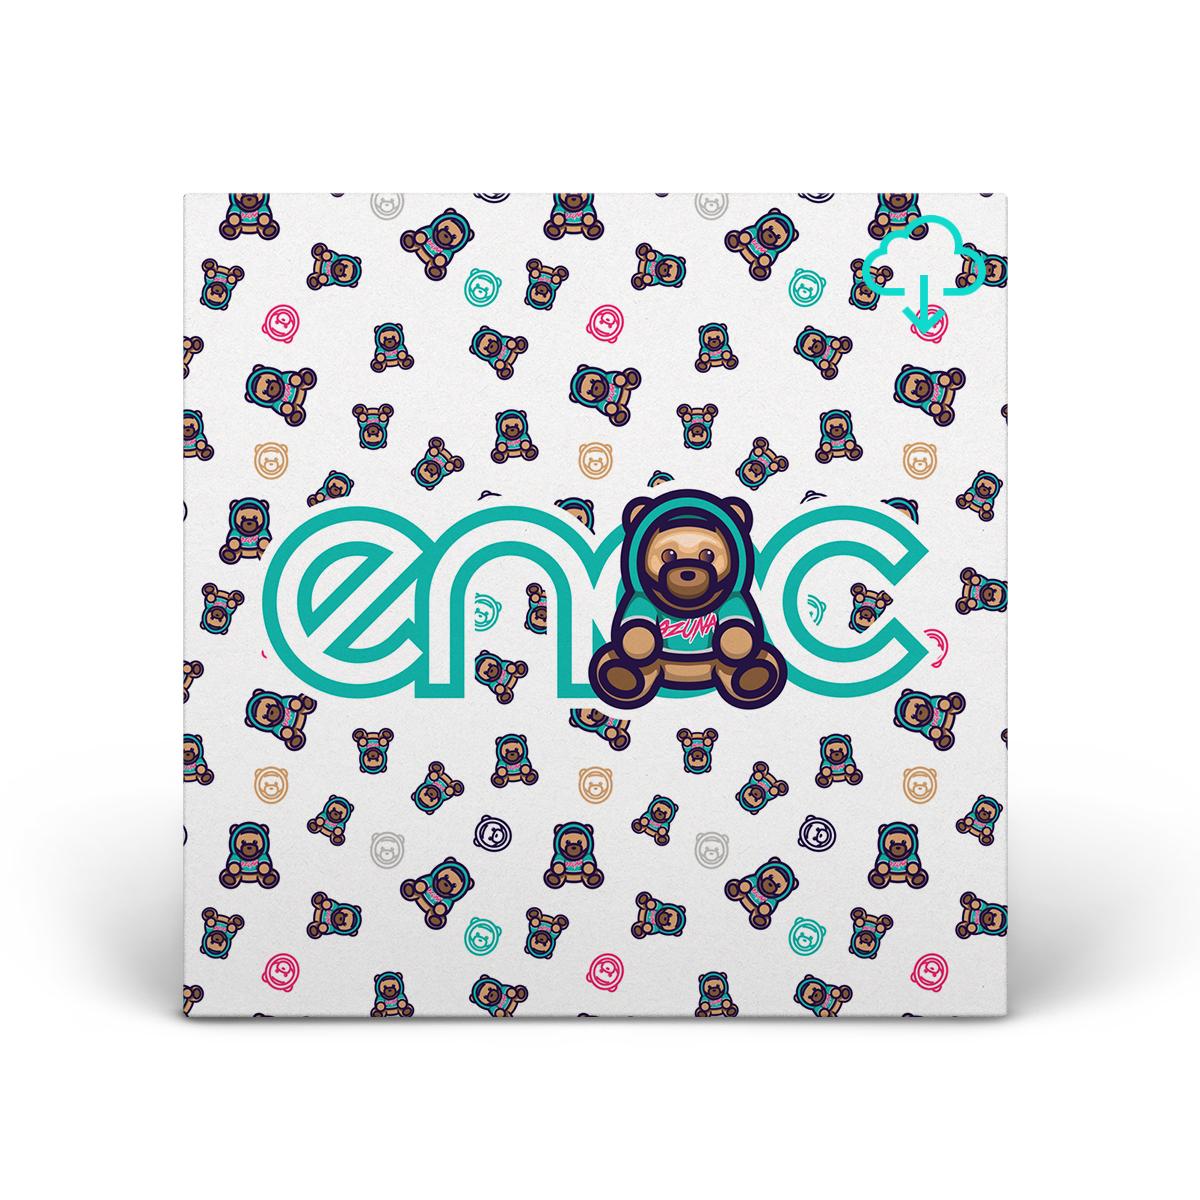 ENOC Digital Download